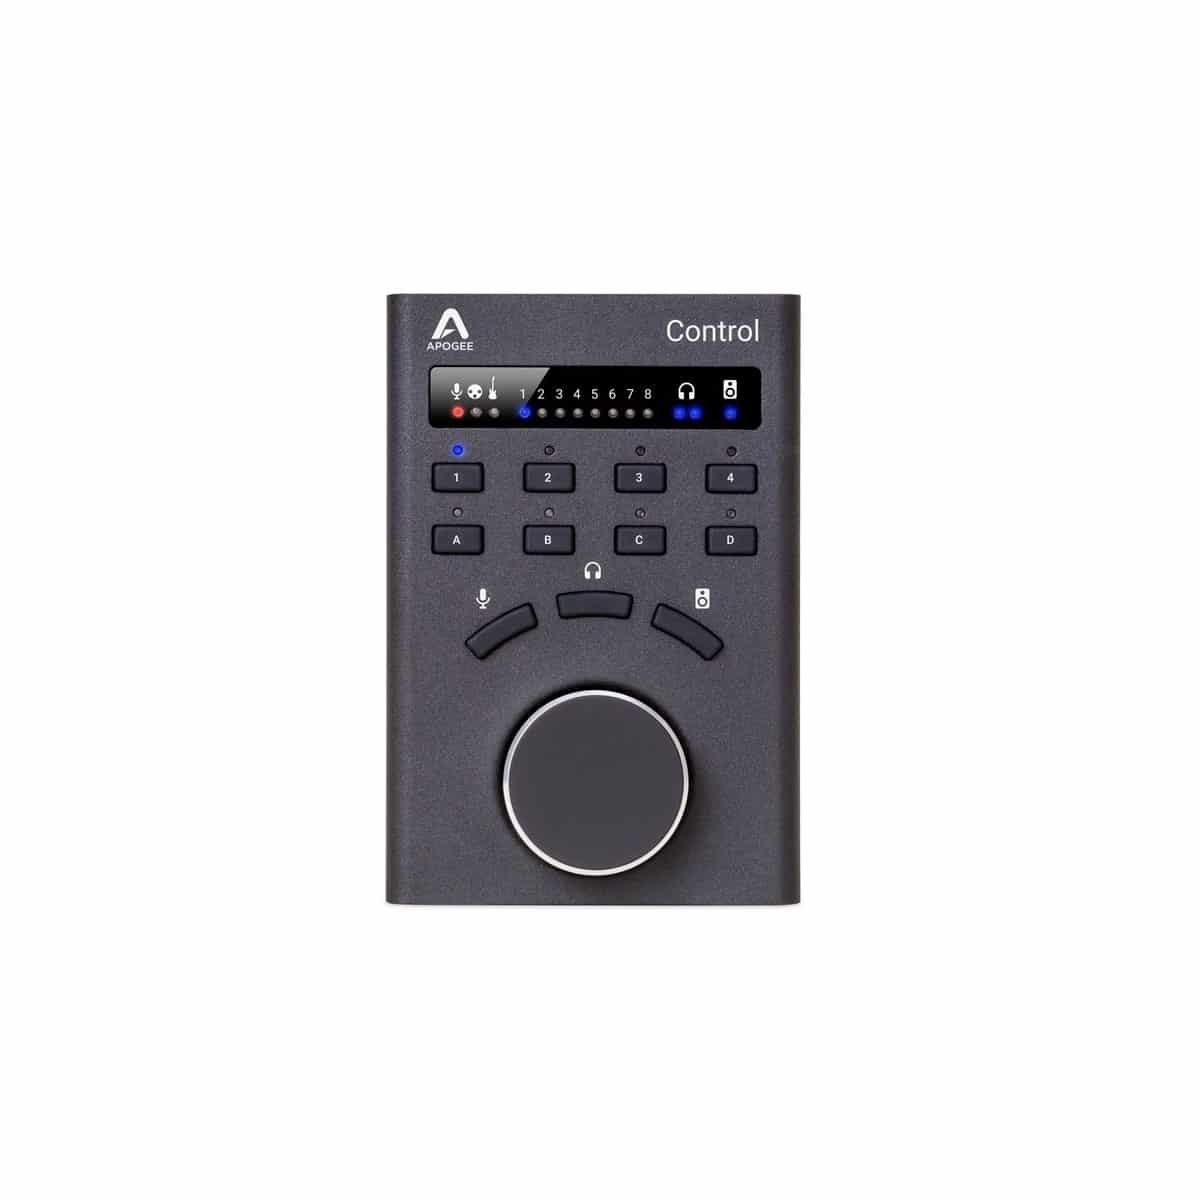 Apogee Control 02 Pro Audio, Accessori, Remote Controller